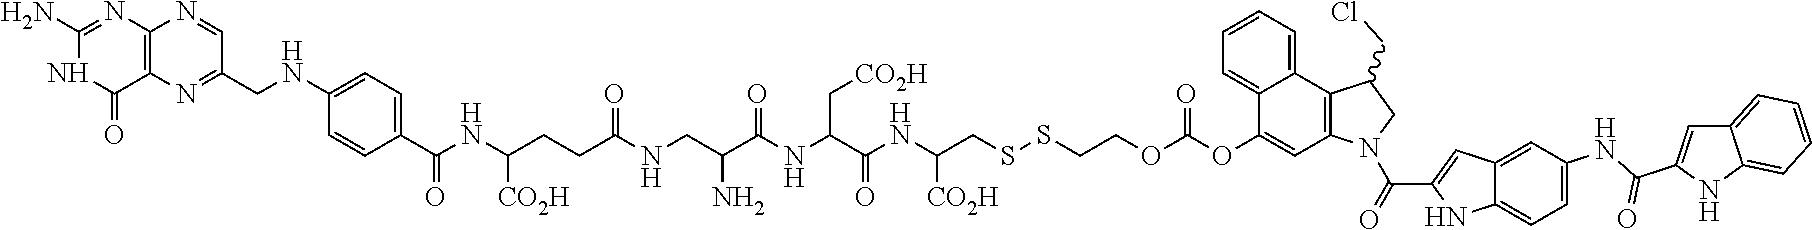 Figure US09550734-20170124-C00032